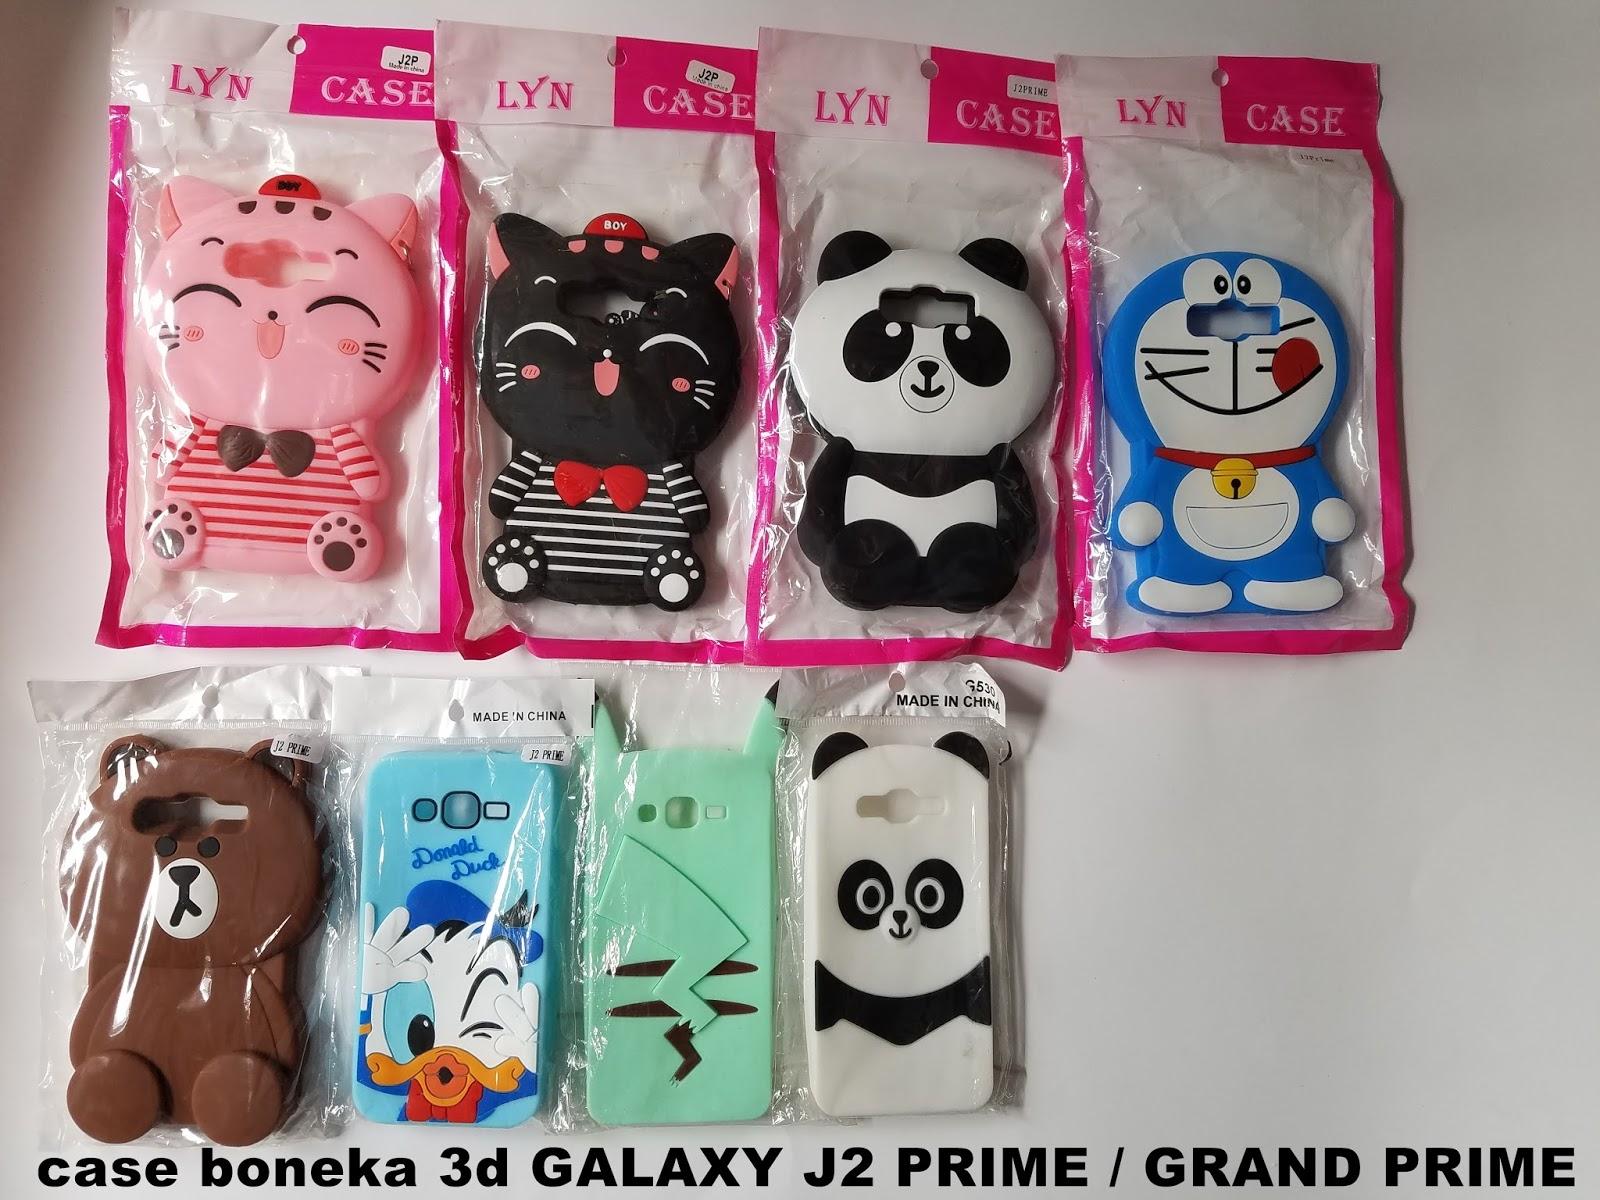 CASE GALAXY J2 PRIME GALAXY GRAND PRIME